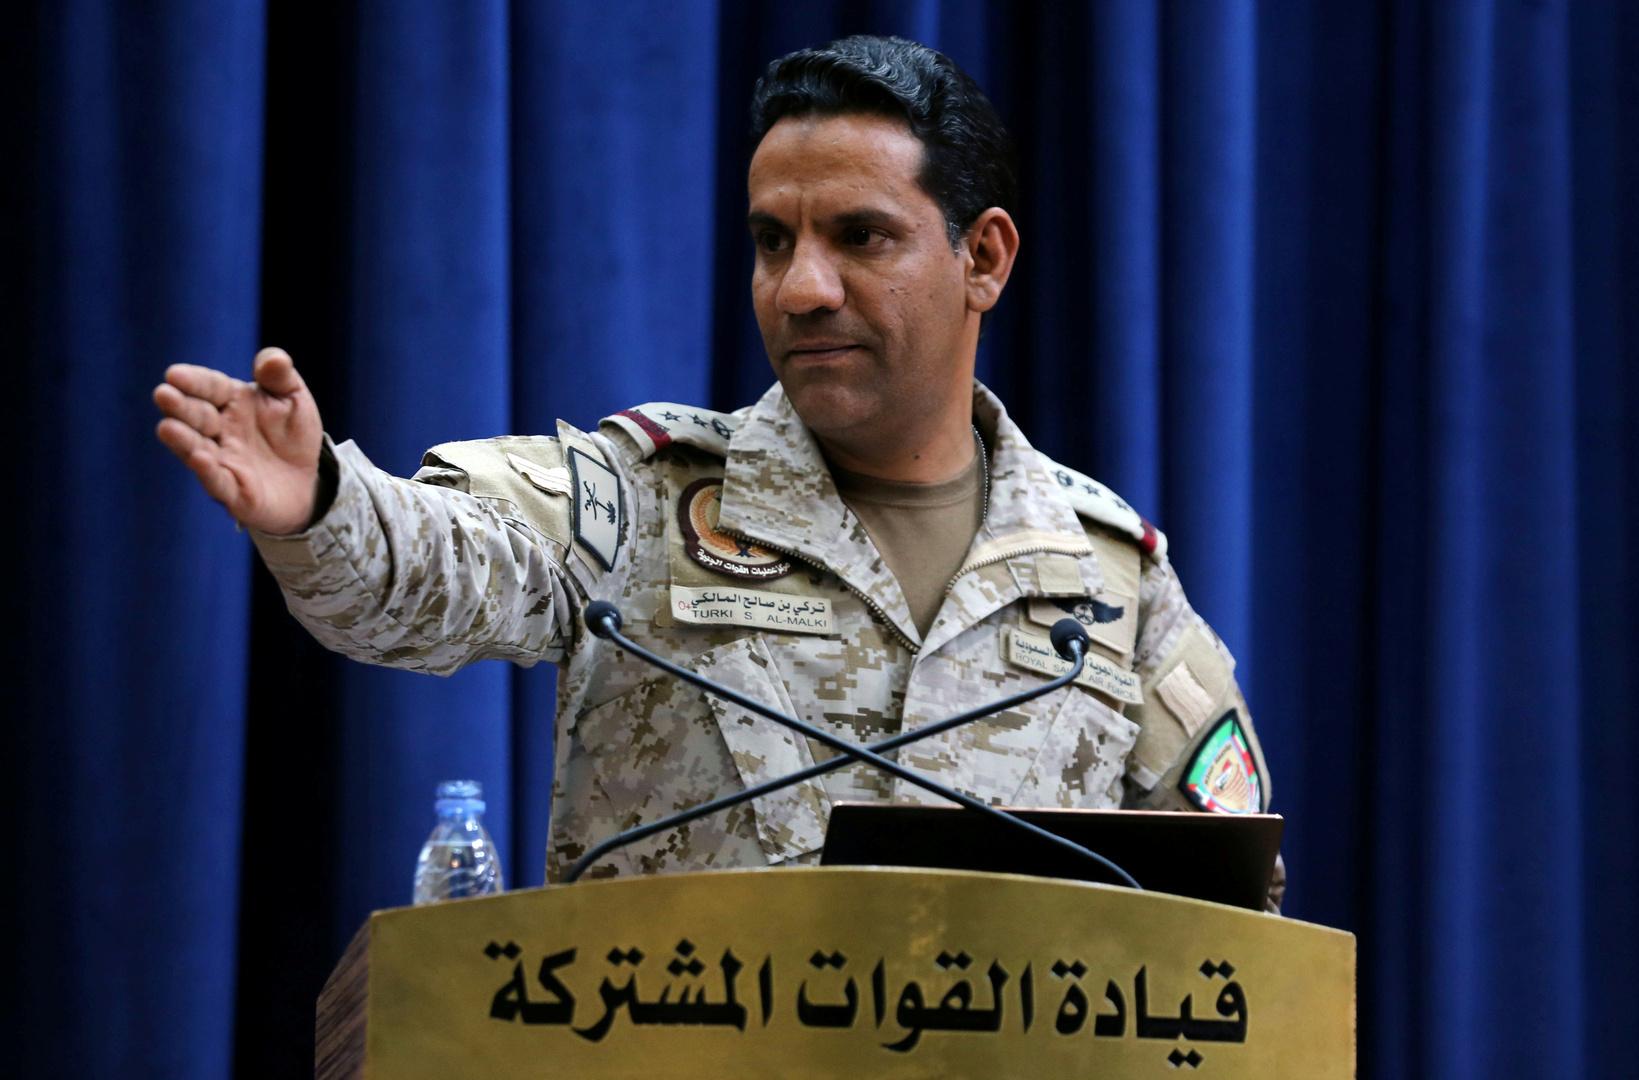 التحالف العربي يعلن محاكمة متهمين بمخالفة قواعد الاشتباك في اليمن